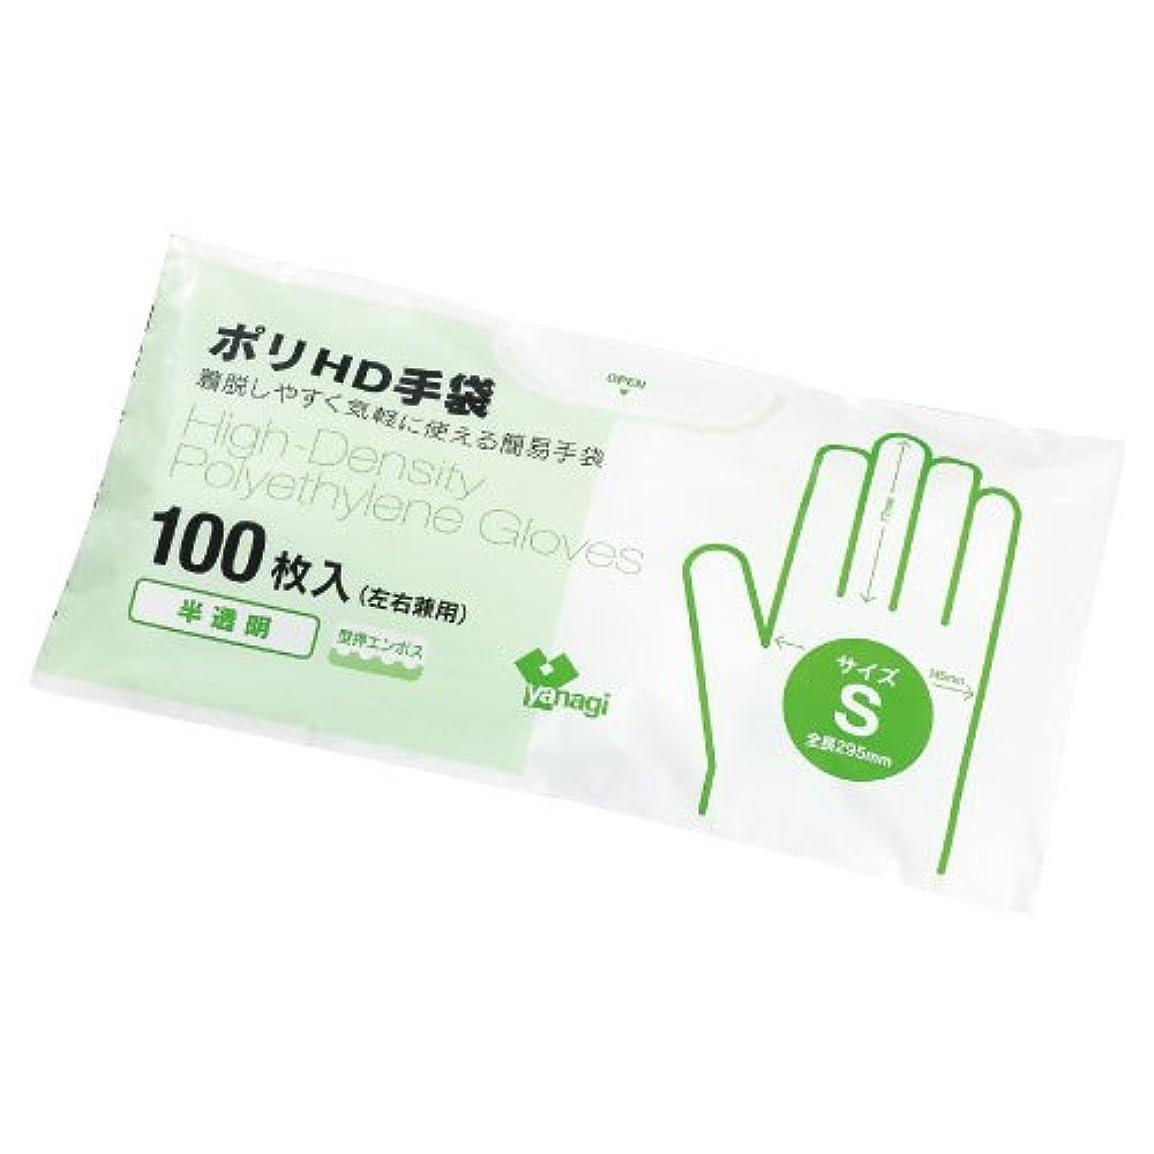 売るケープ追放ポリHD手袋(半透明)型押エンボス TB-203(M)100???? ???HD???????????????(24-2575-01)【やなぎプロダクツ】[120袋単位]